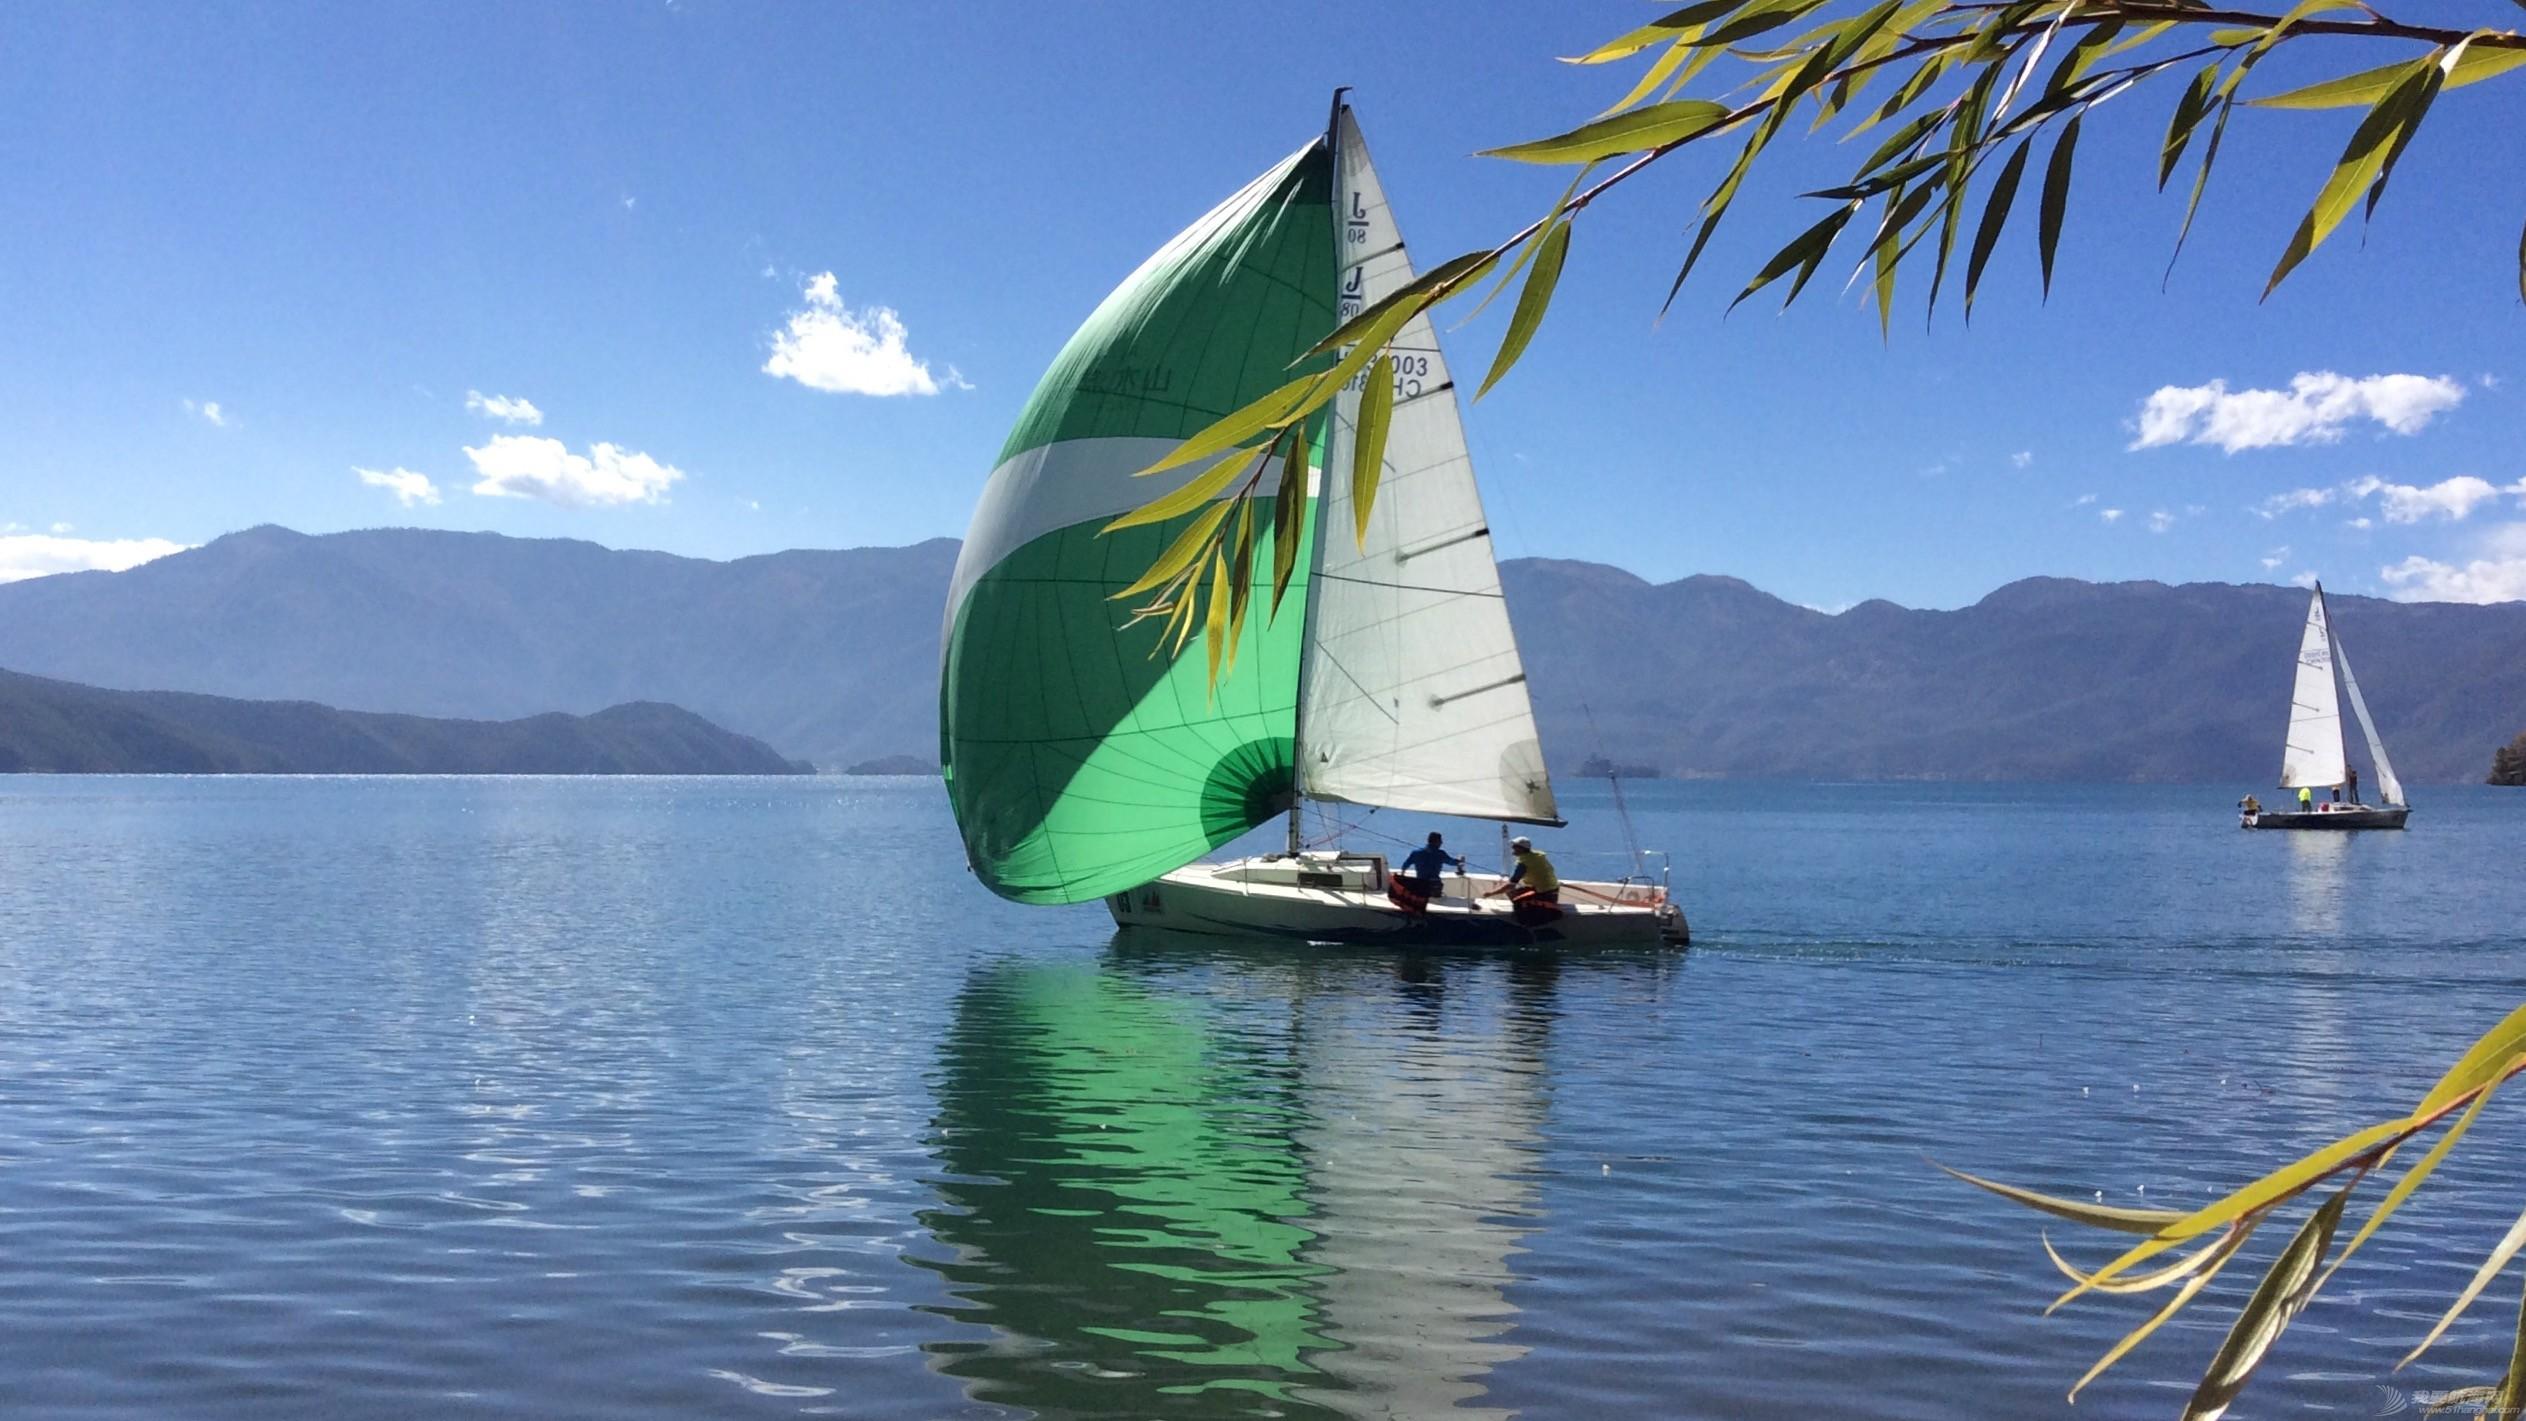 泸沽湖,中国,四川,帆船,国际 中国四川盐源泸沽湖国际帆船巡回赛鸣锣开赛